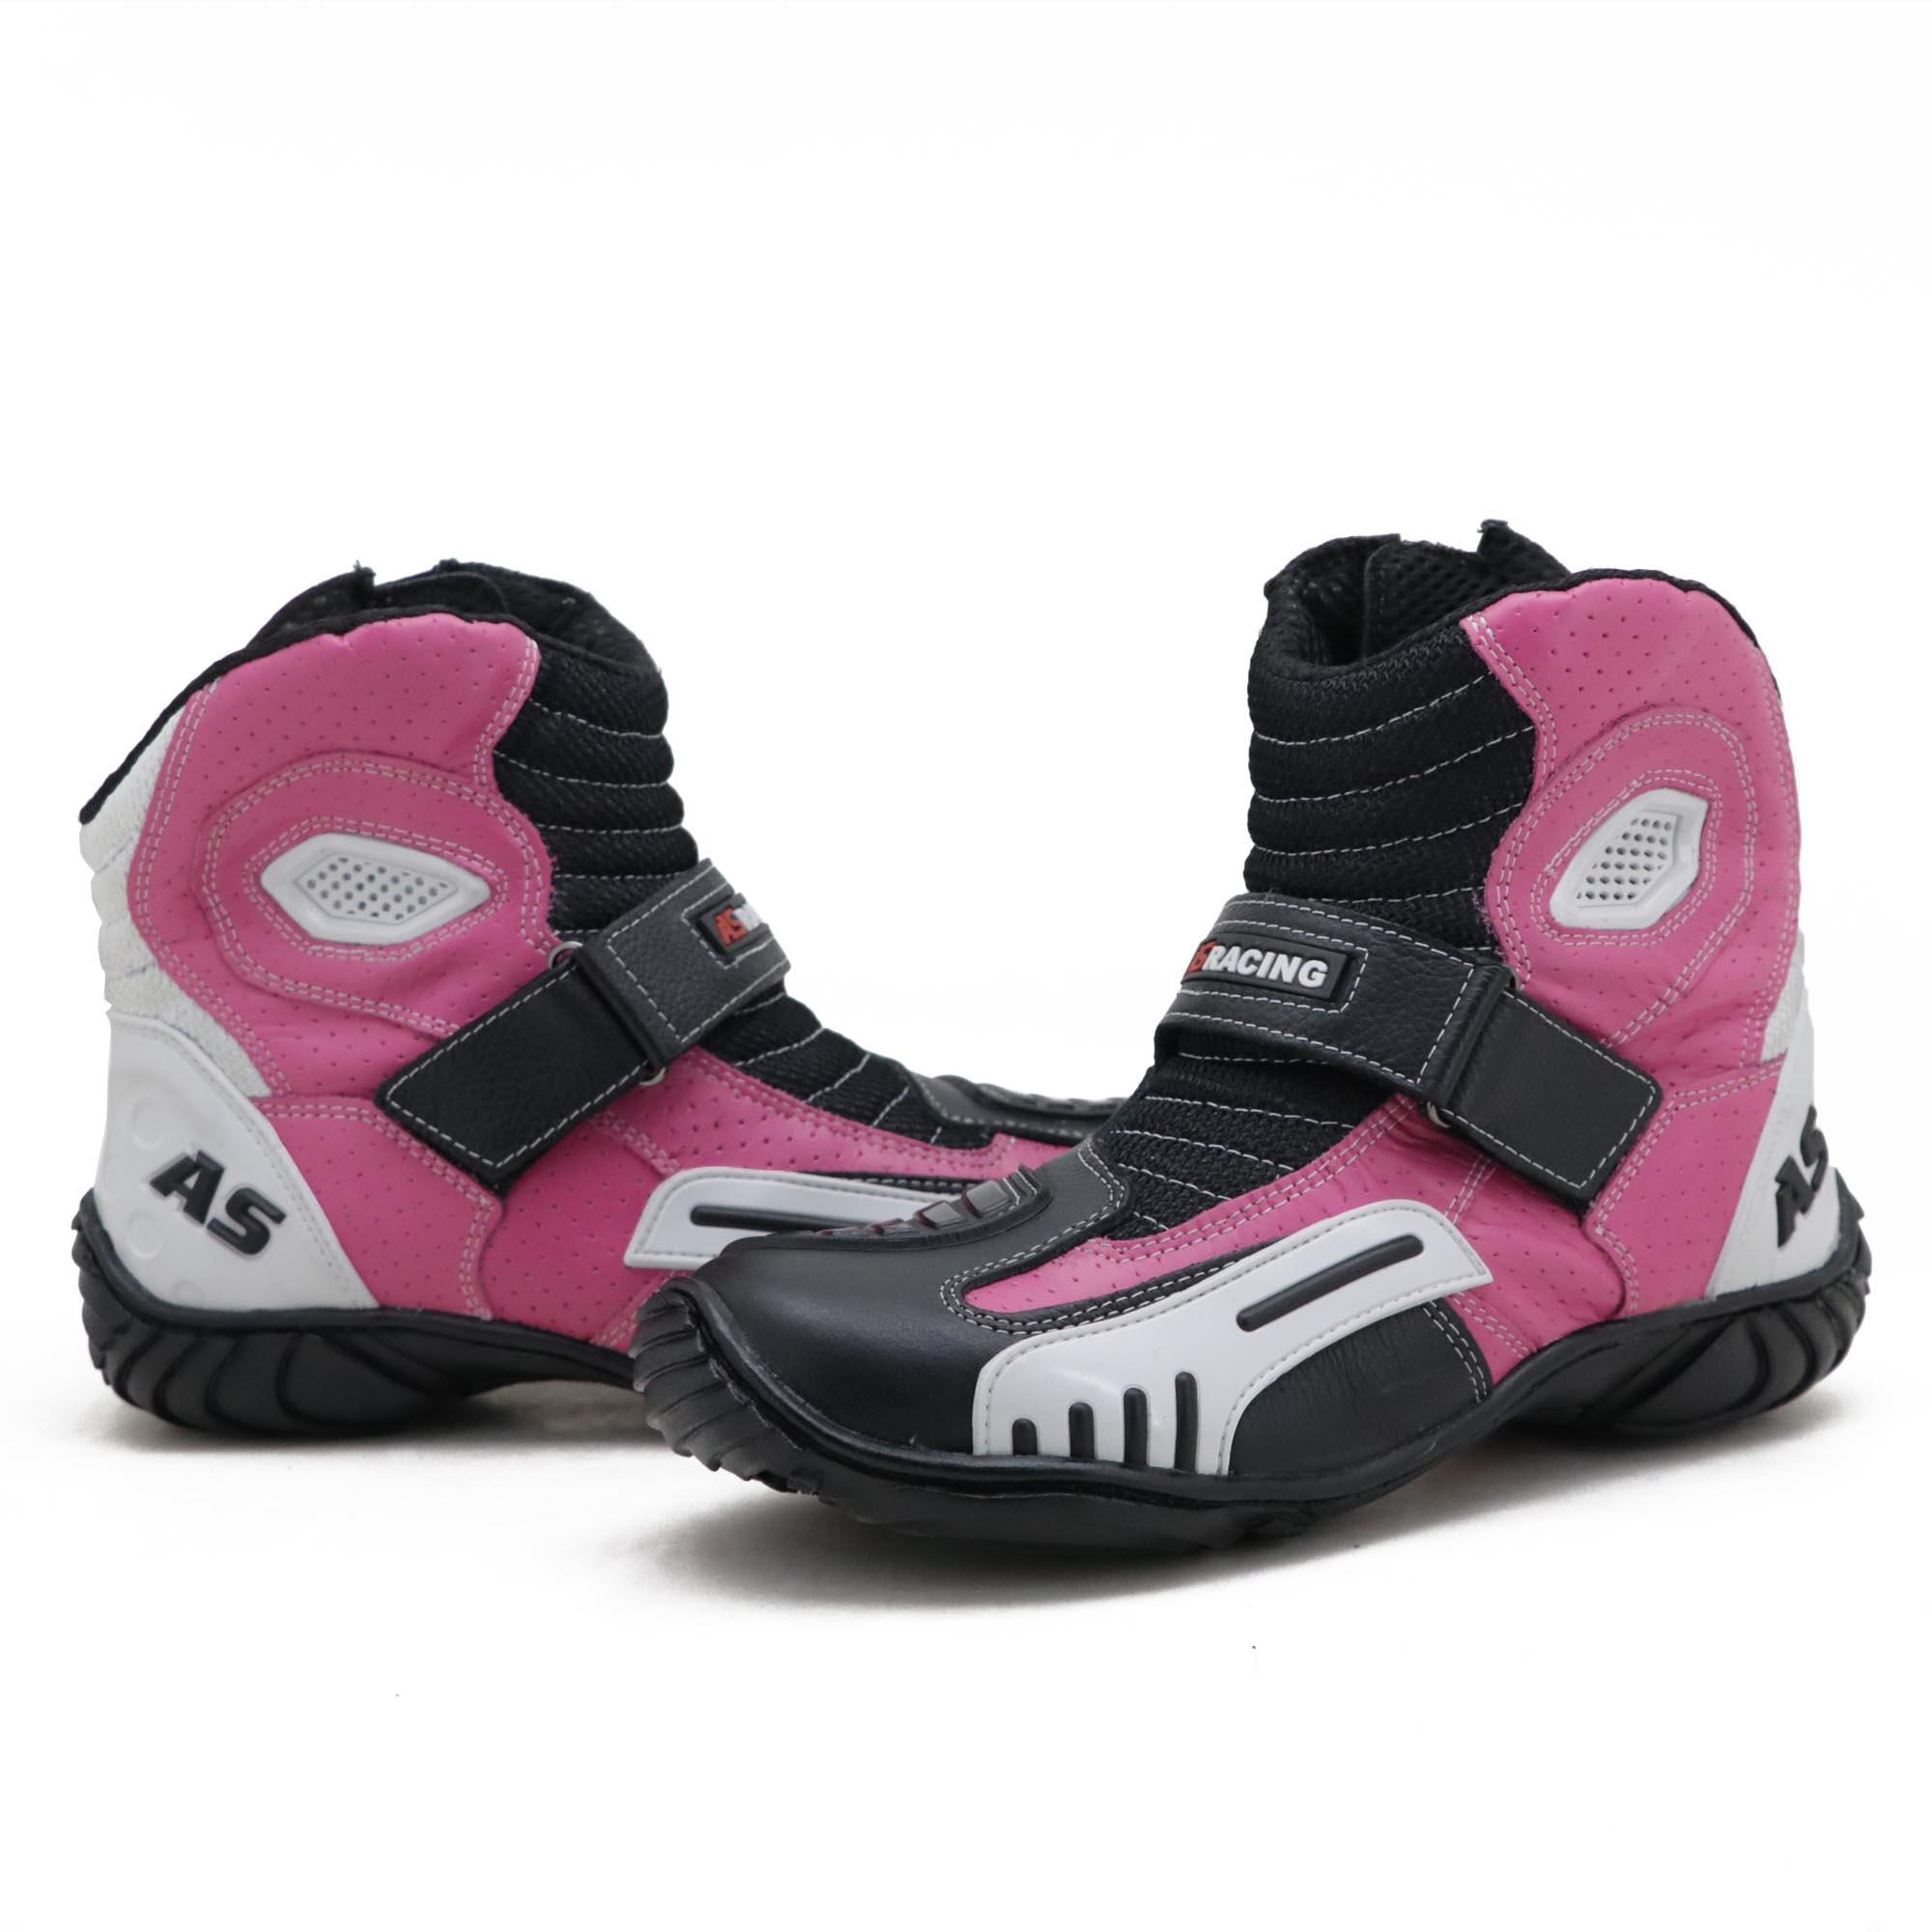 Bota motociclista AS-RACING respirável em couro legítimo nas cores preto branco e pink 406